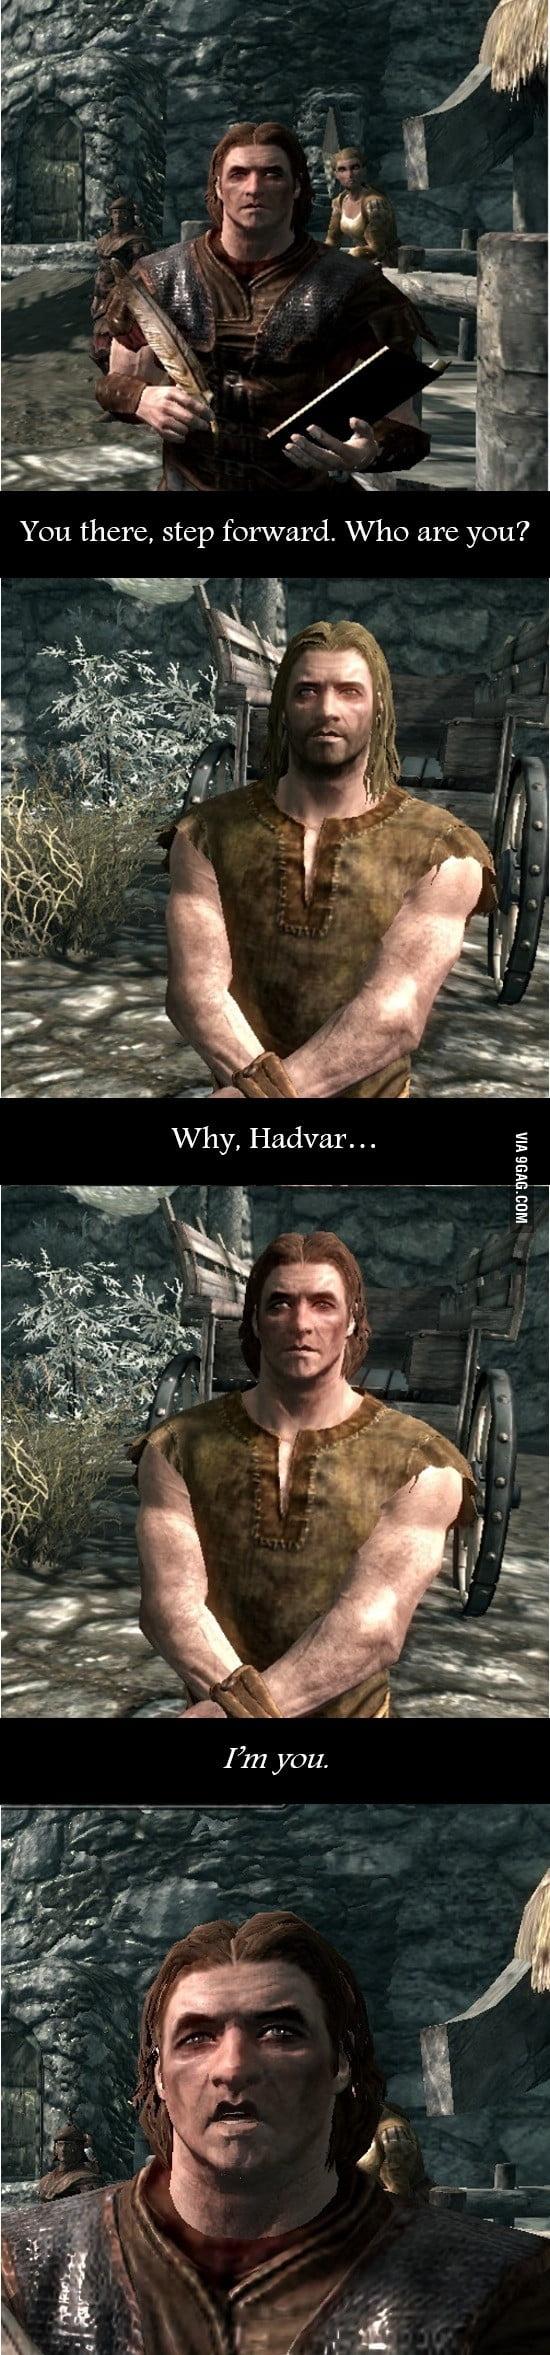 Hey Hadvar